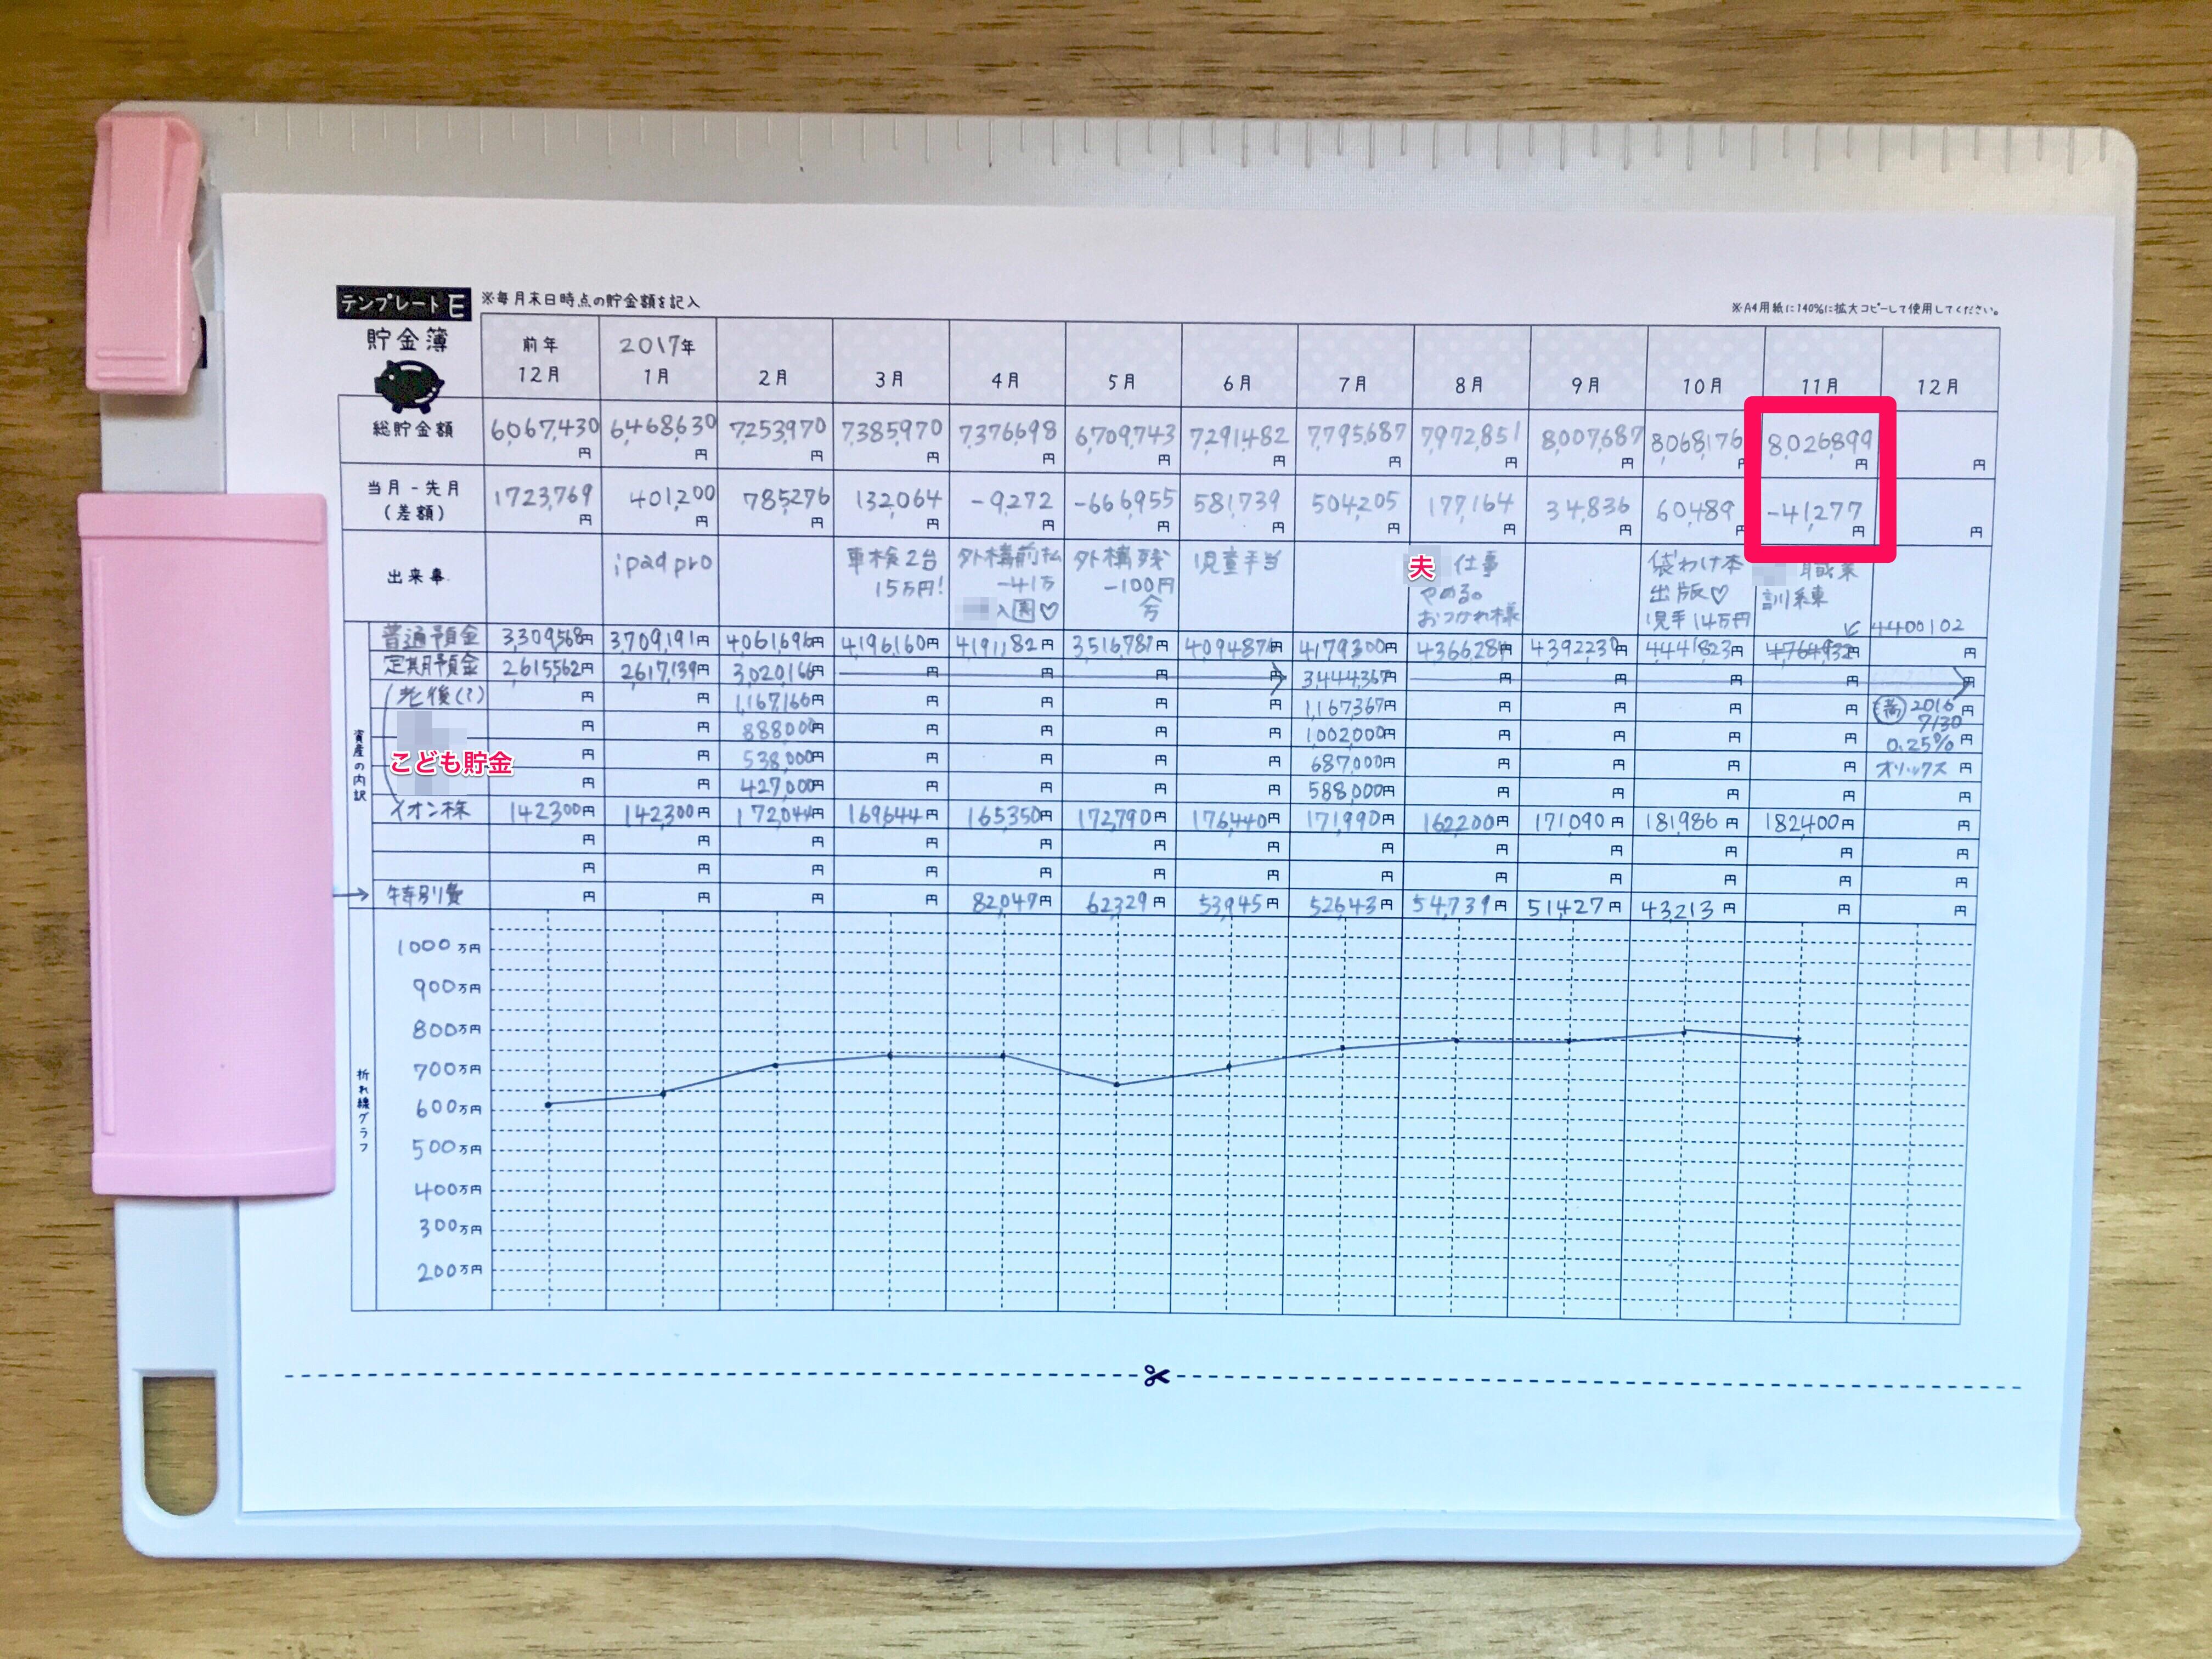 2017年11月のhana家の家計簿結果(貯金簿)